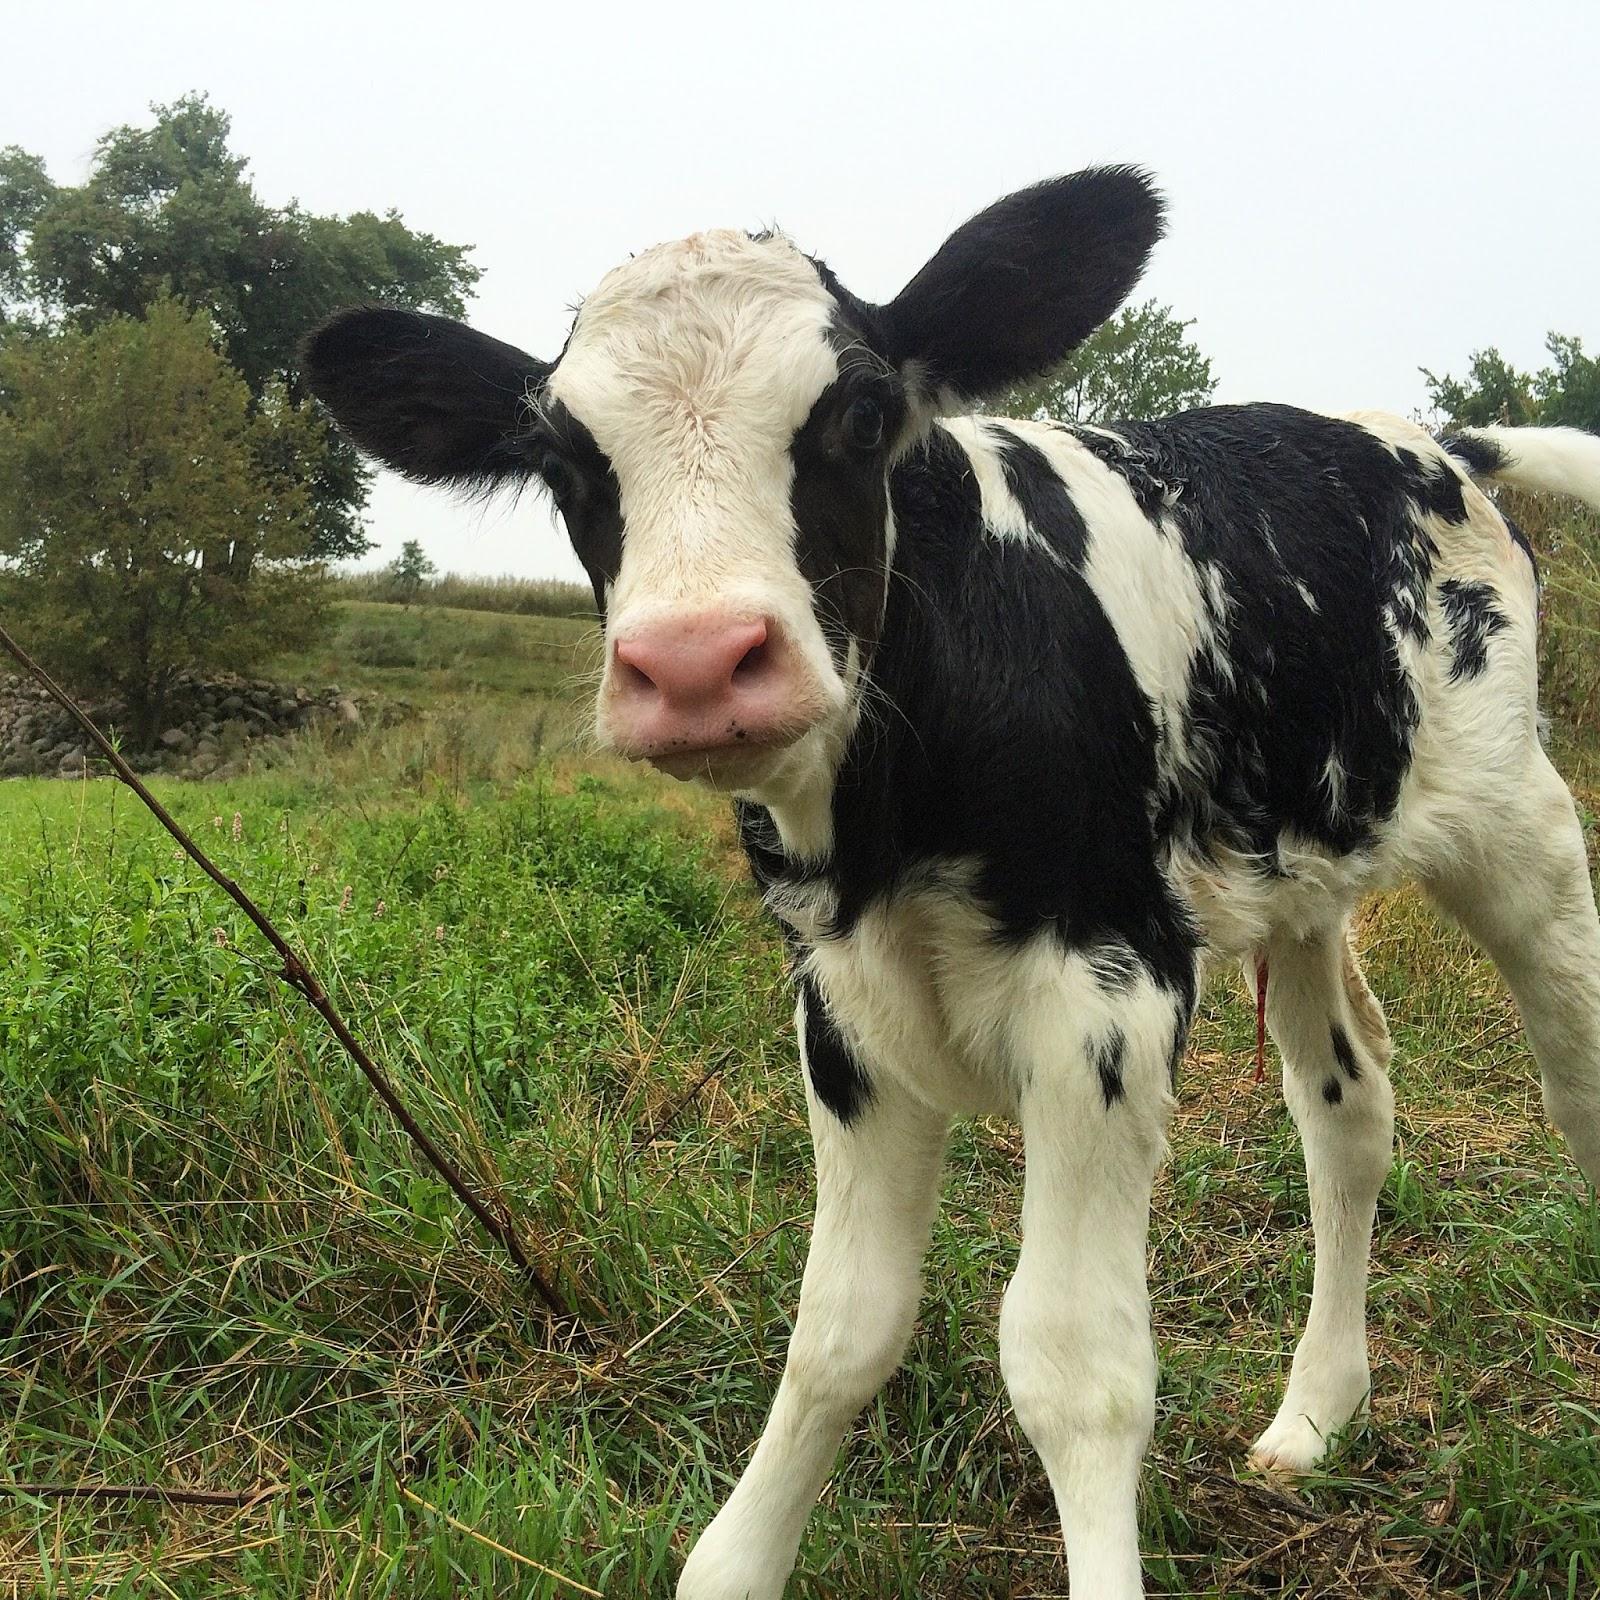 newborn Holstein heifer calf in pasture